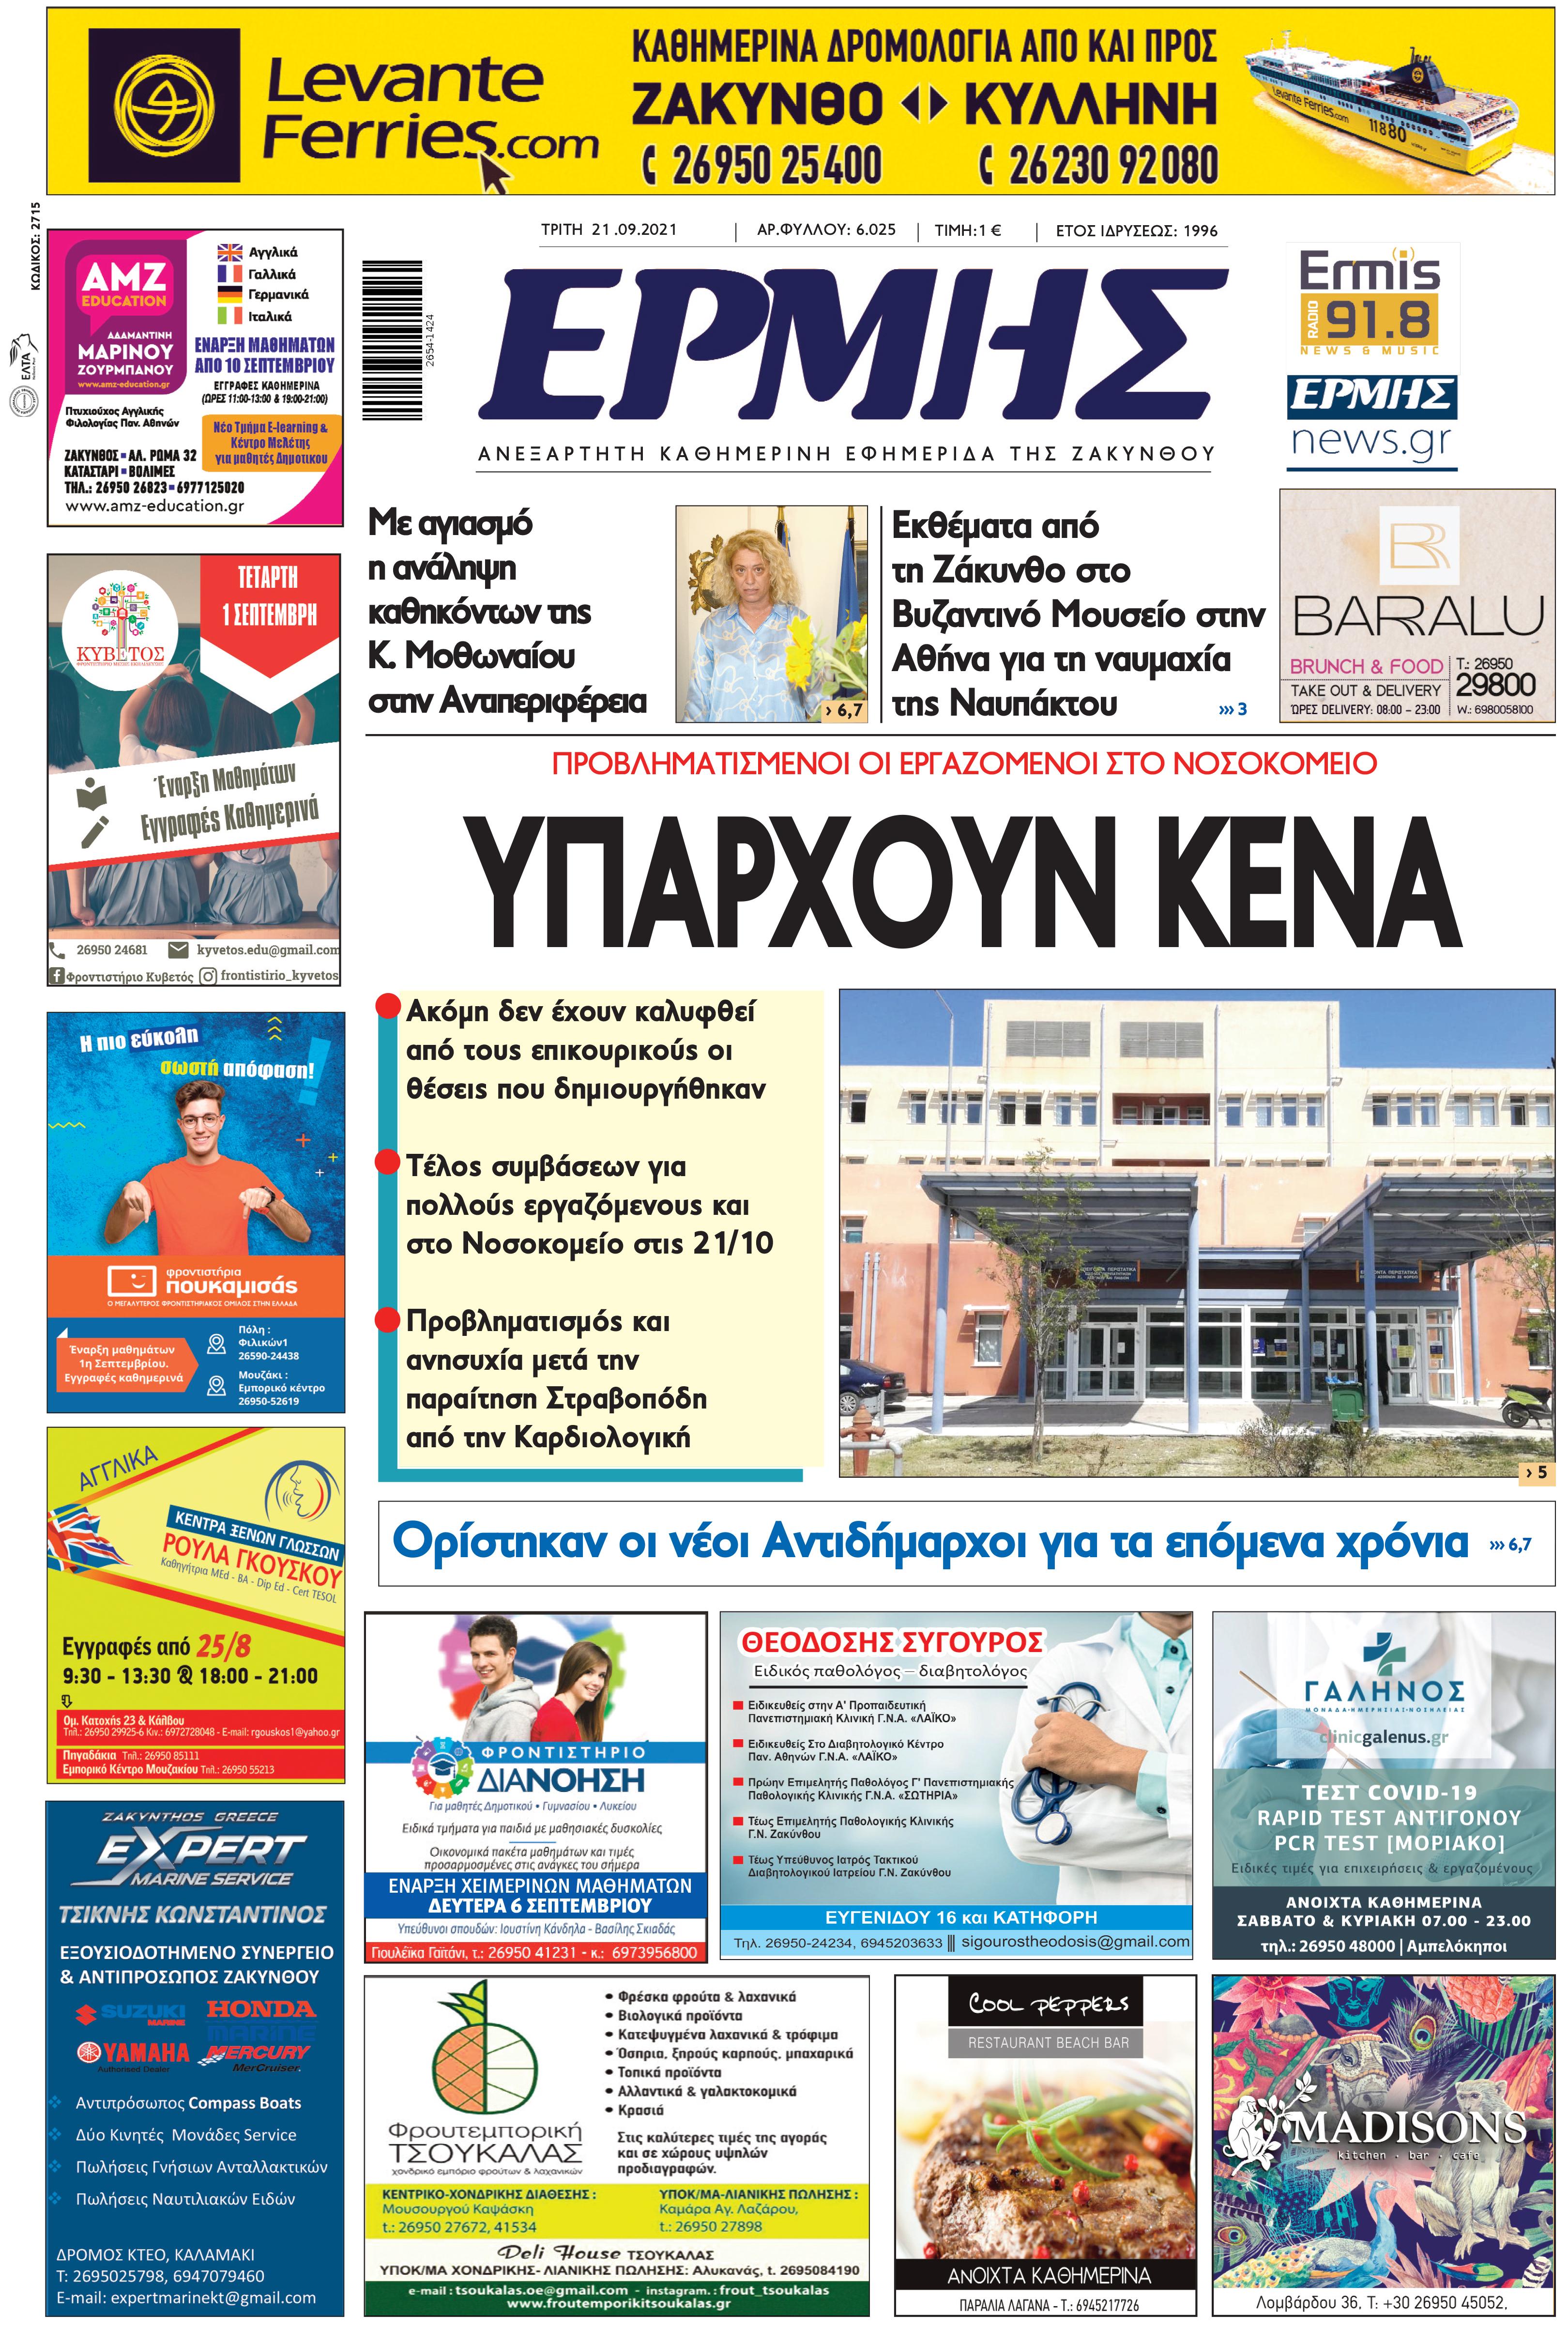 Εφημερίδα ΕΡΜΗΣ 6025